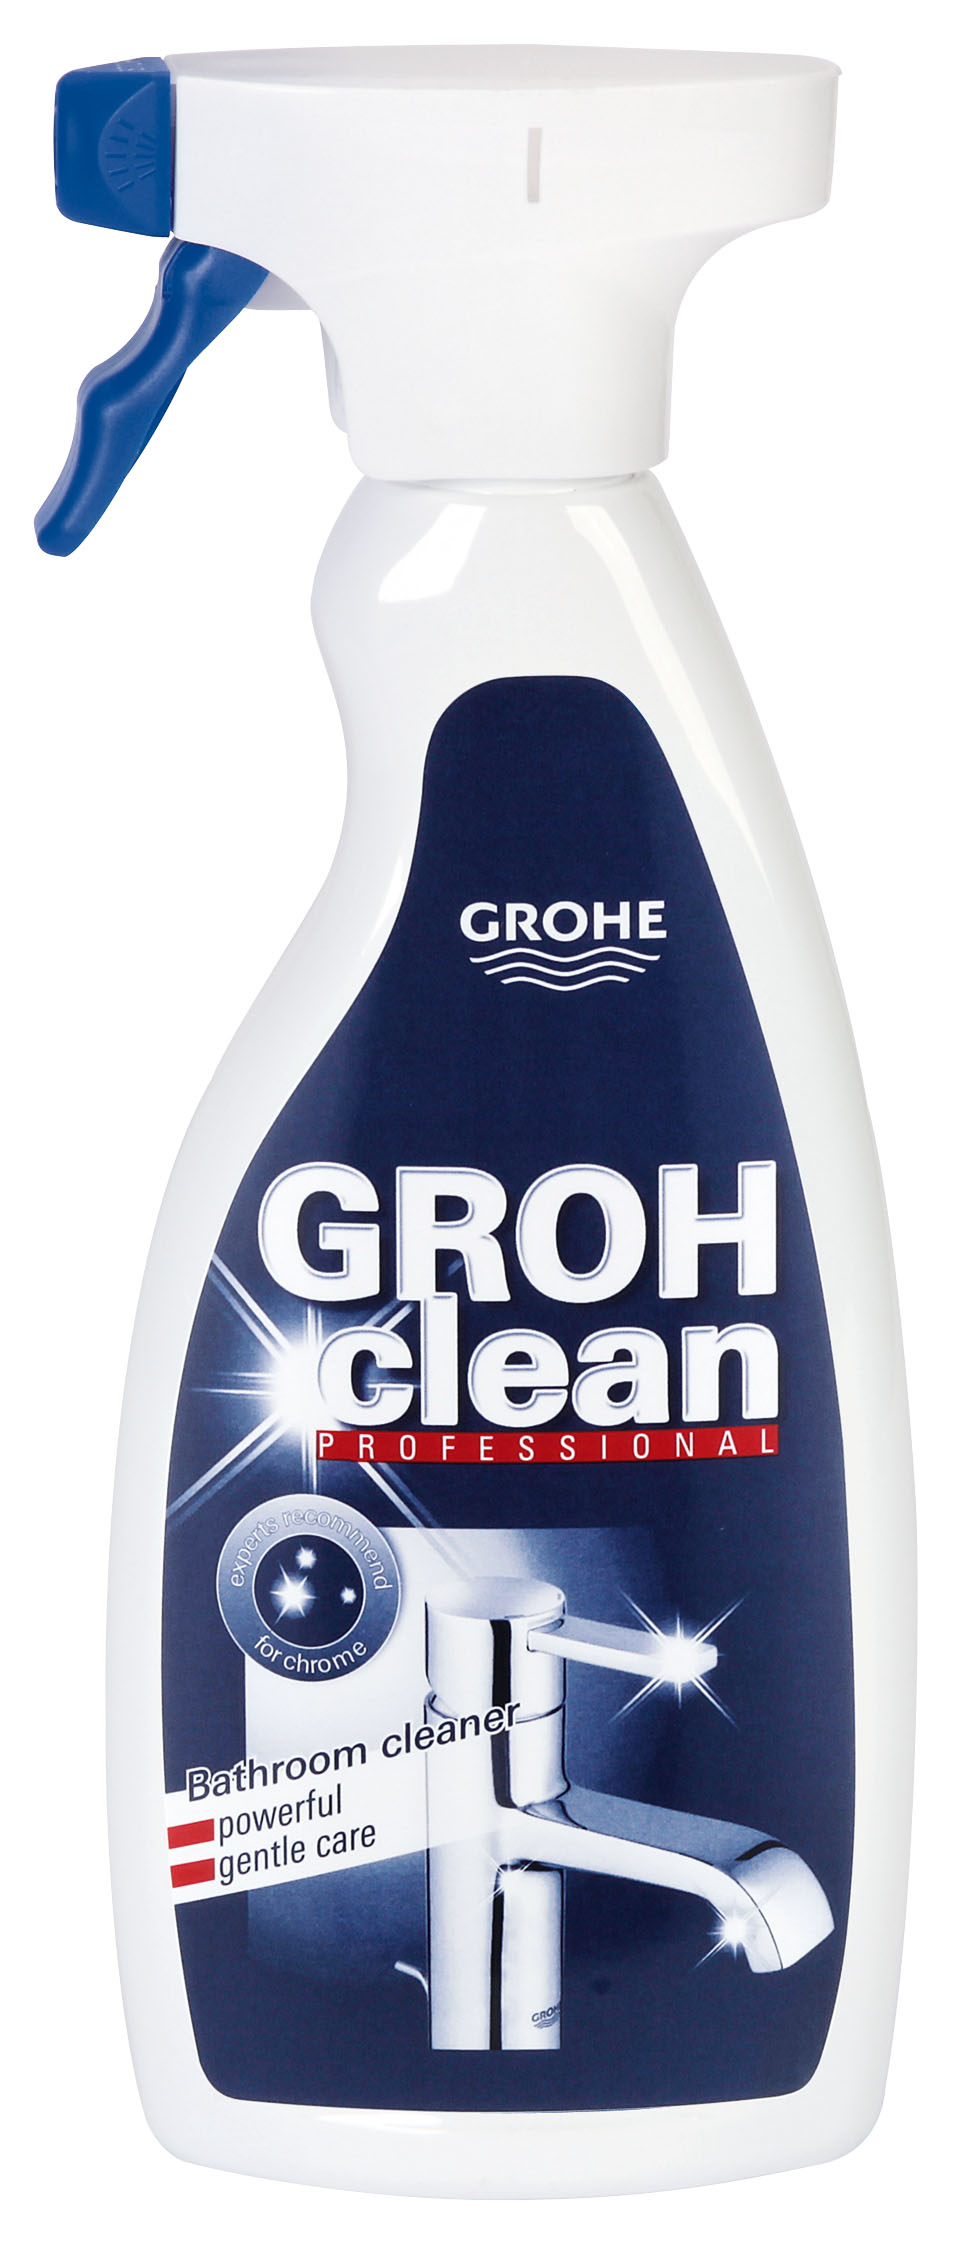 GROHclean - чистящее средство для сантехники и ванной комнаты.    Устраняет:   · Известковый налет,    · Водяные пятна,    · Грязь,    · Жир   · Остатки мыла в ванной, туалете и на кухне.   GROHclean основан на лимонной кислоте и является идеальным чистящим средством для смесителей, аксессуаров, ванн, керамики, душевых   кабин и плитки.    Применение:    GROHclean нанести губкой, щеточкой или тряпочкой на поверхность и дать некоторое время подействовать. Затем тщательно смыть водой.    Примечание:   Не допускать попадания GROHclean в руки детей, несмотря на надежное крепление пульверизатора. Так как GROHclean основан на   лимонной кислоте, он не может применяться для чистки материалов, чувствительных к действию кислот, таких как мрамор, терраццо и некоторых   видов эмали.   Идеально сочетается с патентованными технологиями обработки поверхностей Grohe: GROHE ProGuard, GROHE HyperClean, AQUACERAMIC,   GROHE StarLight, SuperSteel       500 мл в бутылке с пульверизатором   Инструкция на нескольких языках:  RU, DE, EN, FR, ES, IT, NL, DK, UA, PL, GR, RO      Как выбрать качественную бытовую химию, безопасную для природы и людей. Статья OZON Гид